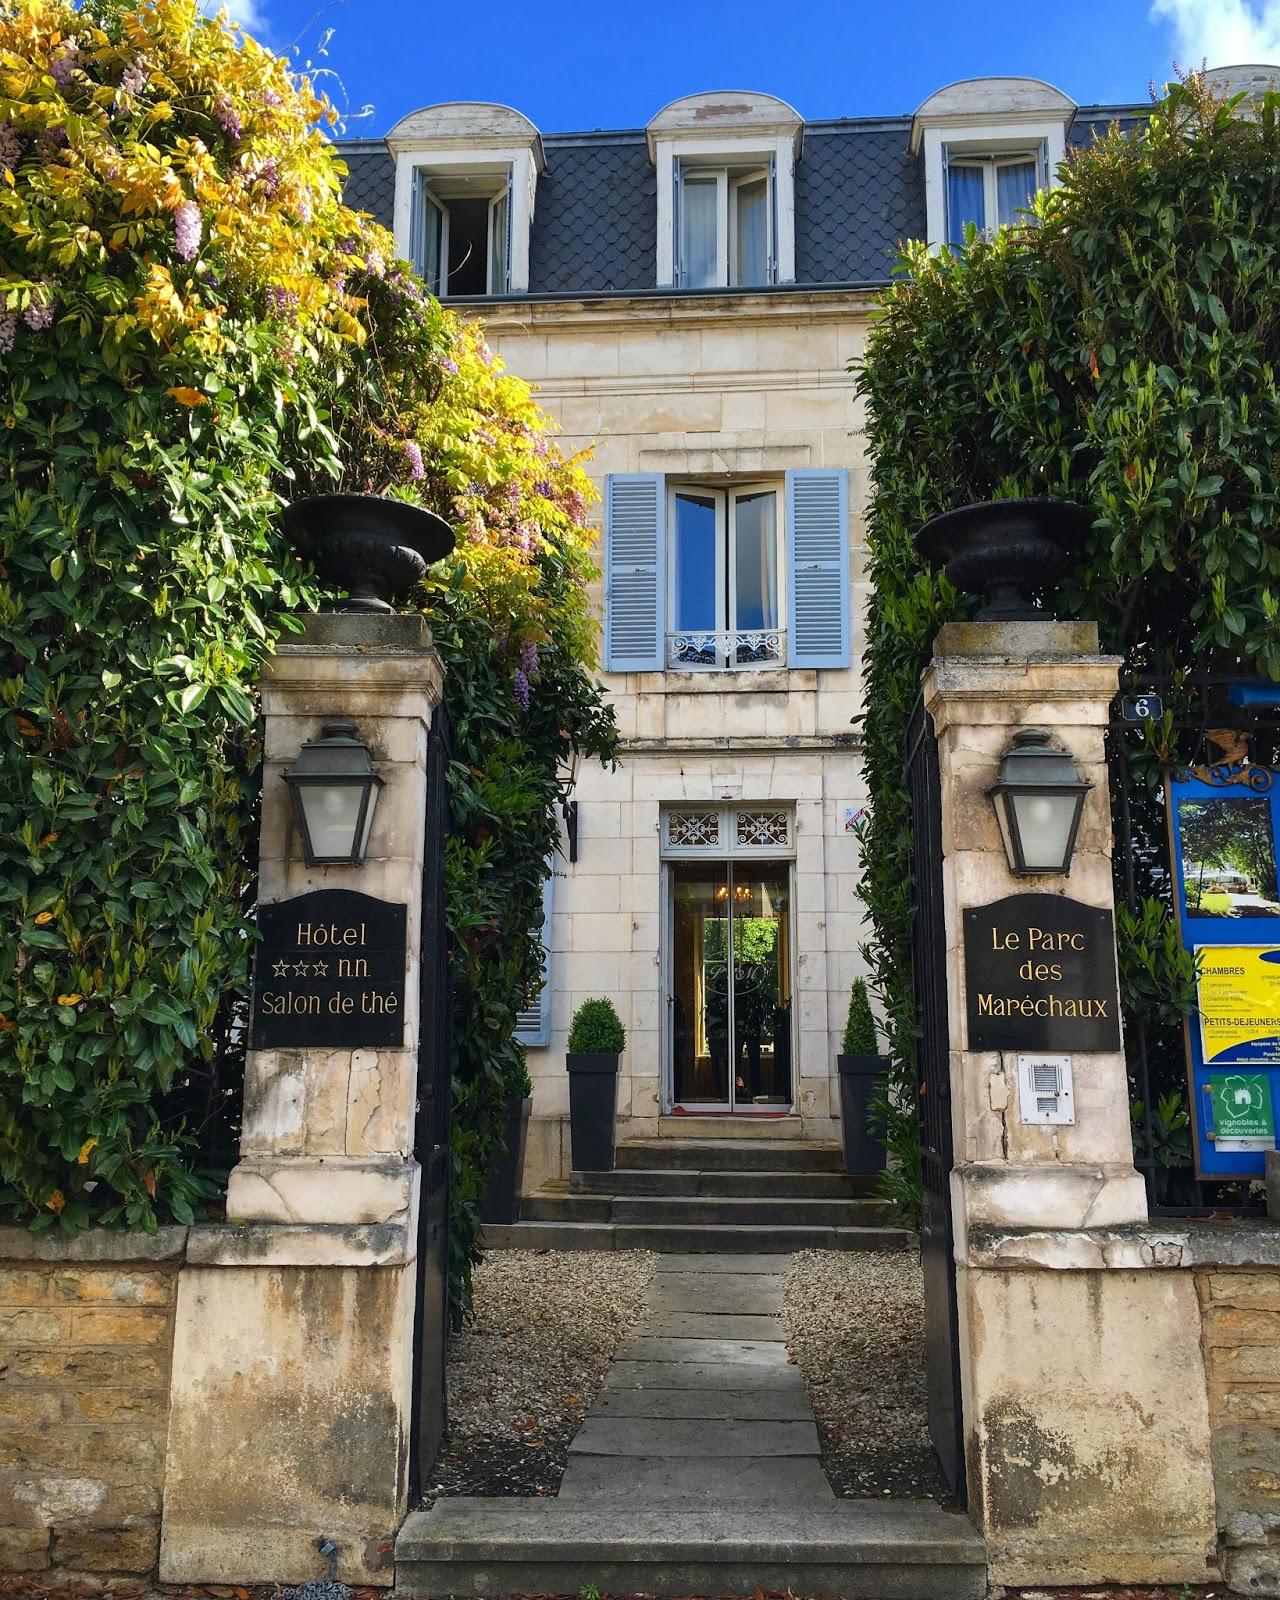 hotel le parc des marechaux auxerre france travel adventure